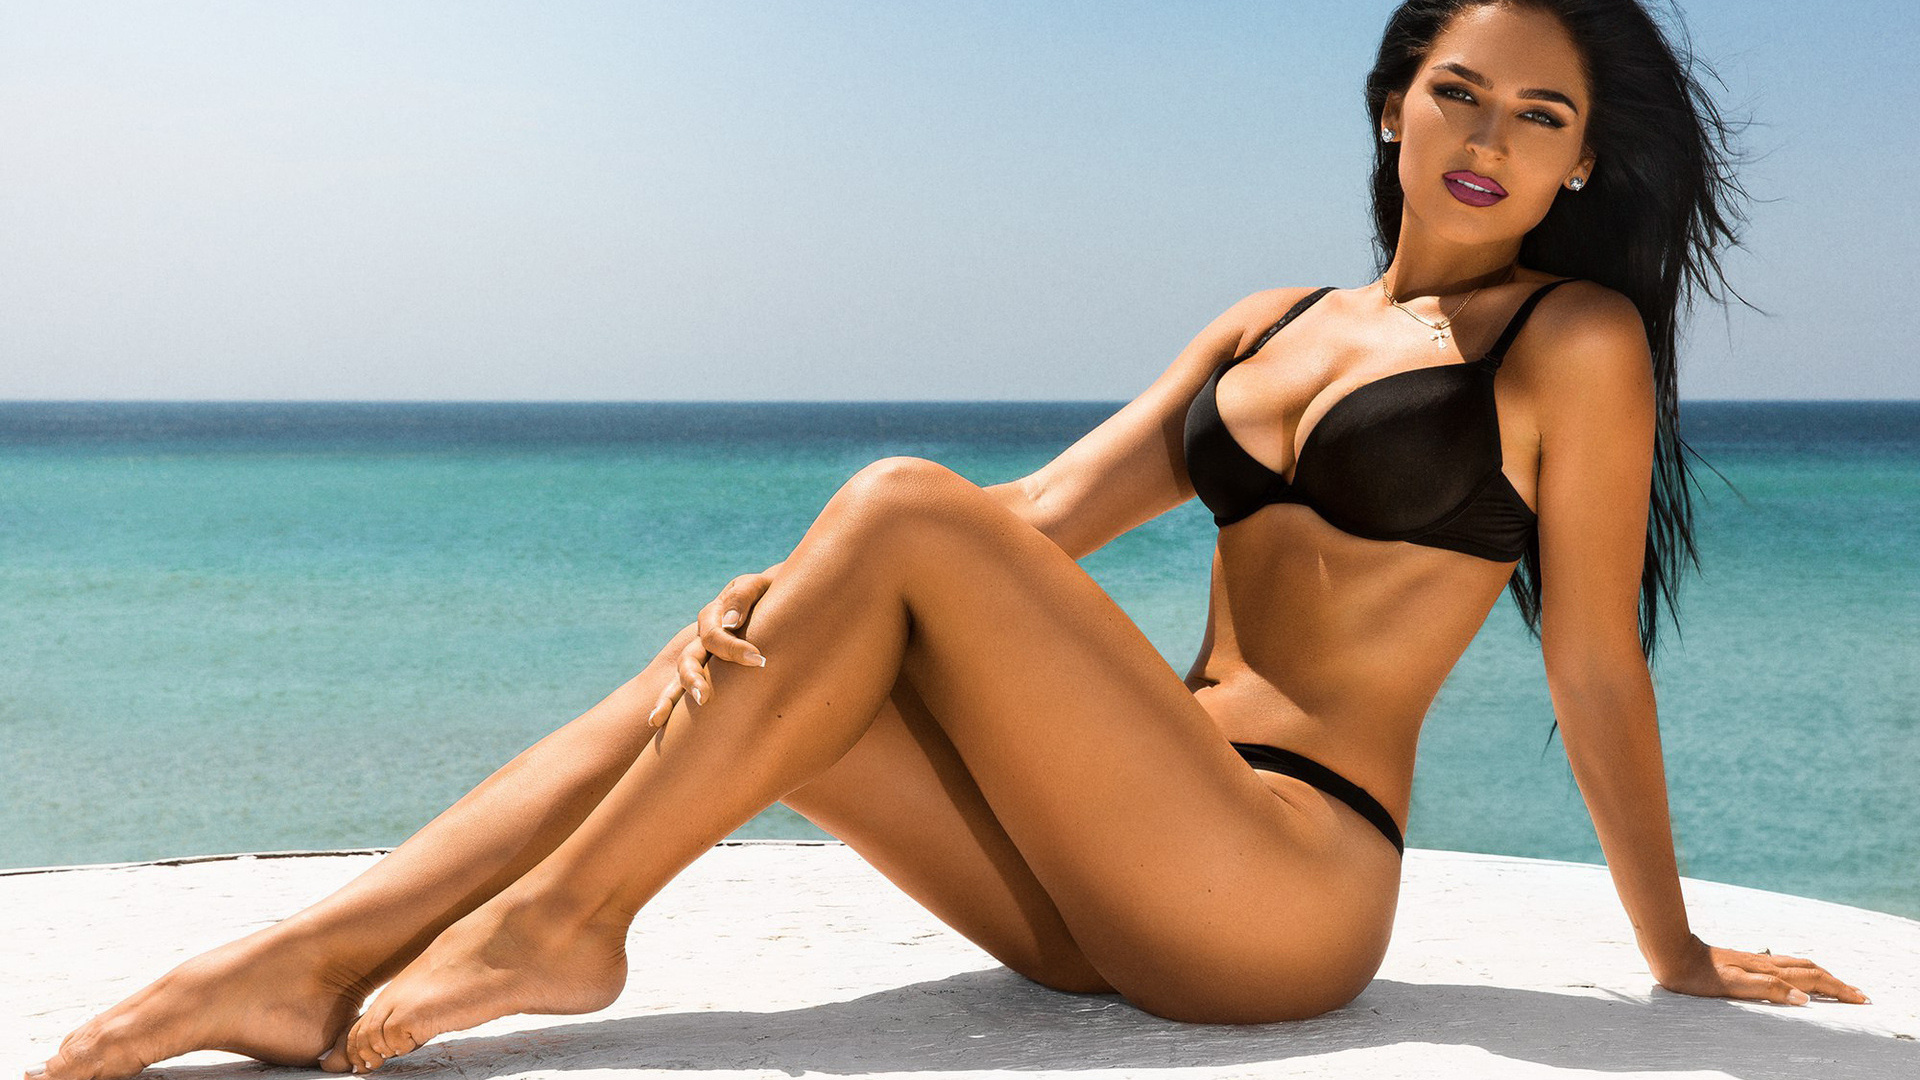 Фото девушка брюнетка на пляже в красивом купальнике, Без купальника девушки и женщины - красивые 1 фотография